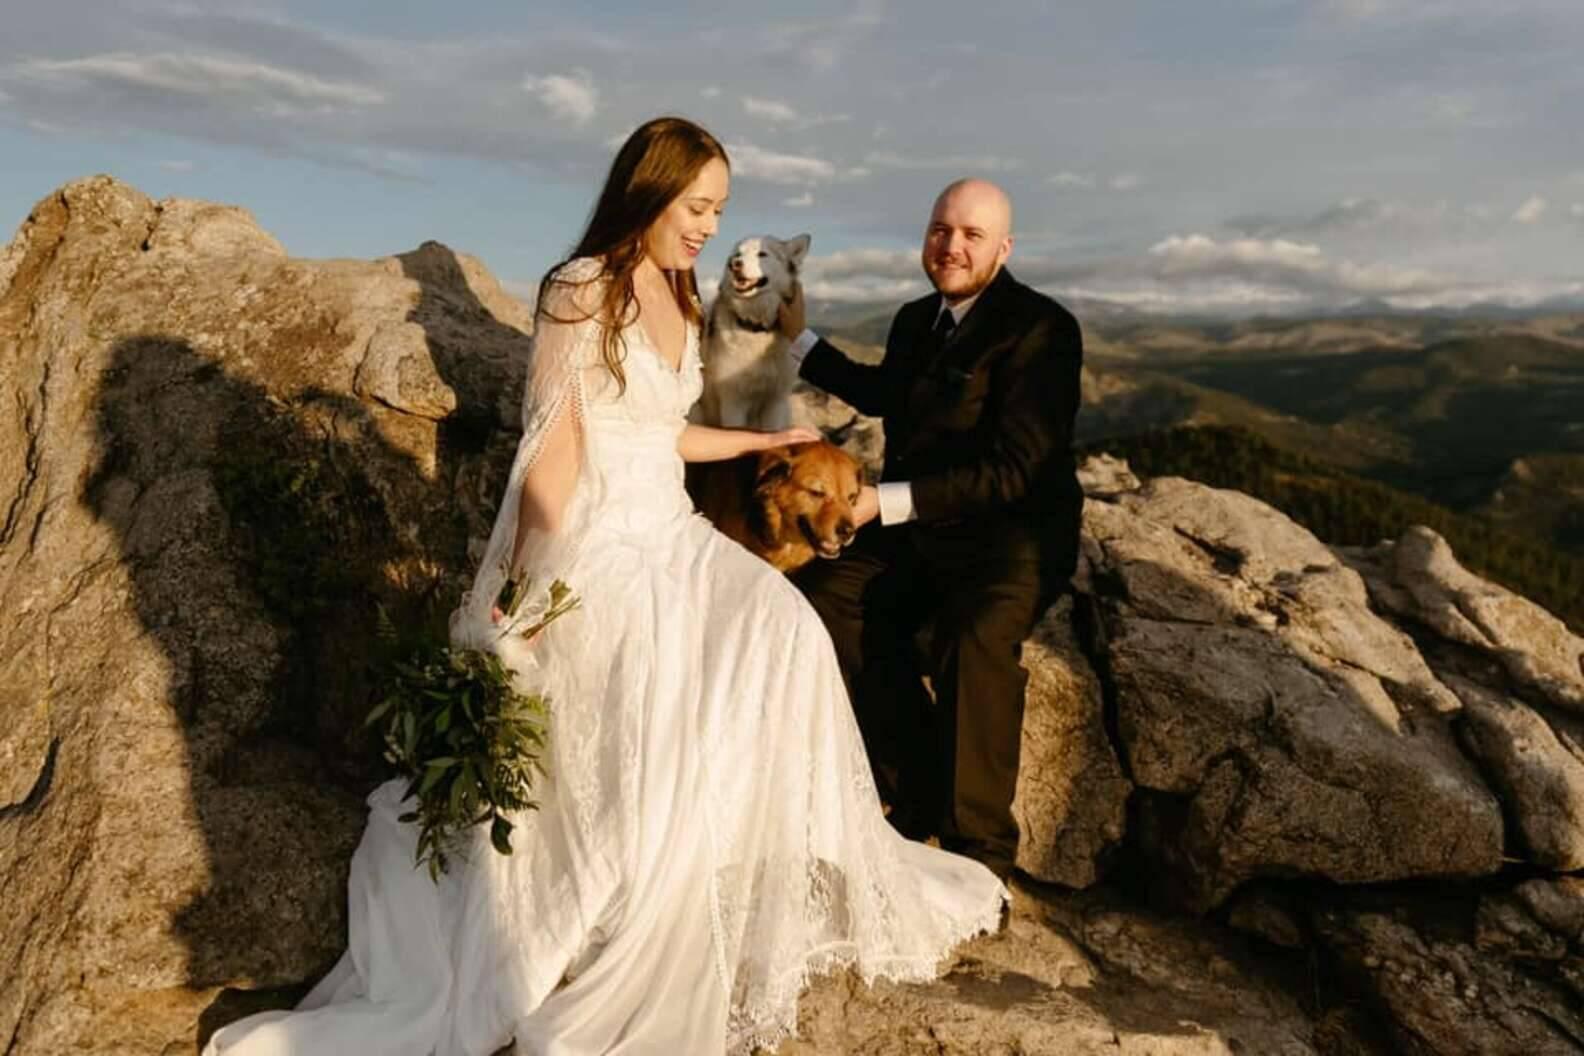 Rachel Franco e Alexander Oyen em foto de casamento com os dois penetras caninos, Freya e Bruno. Foto: Foto de Cara Eliz